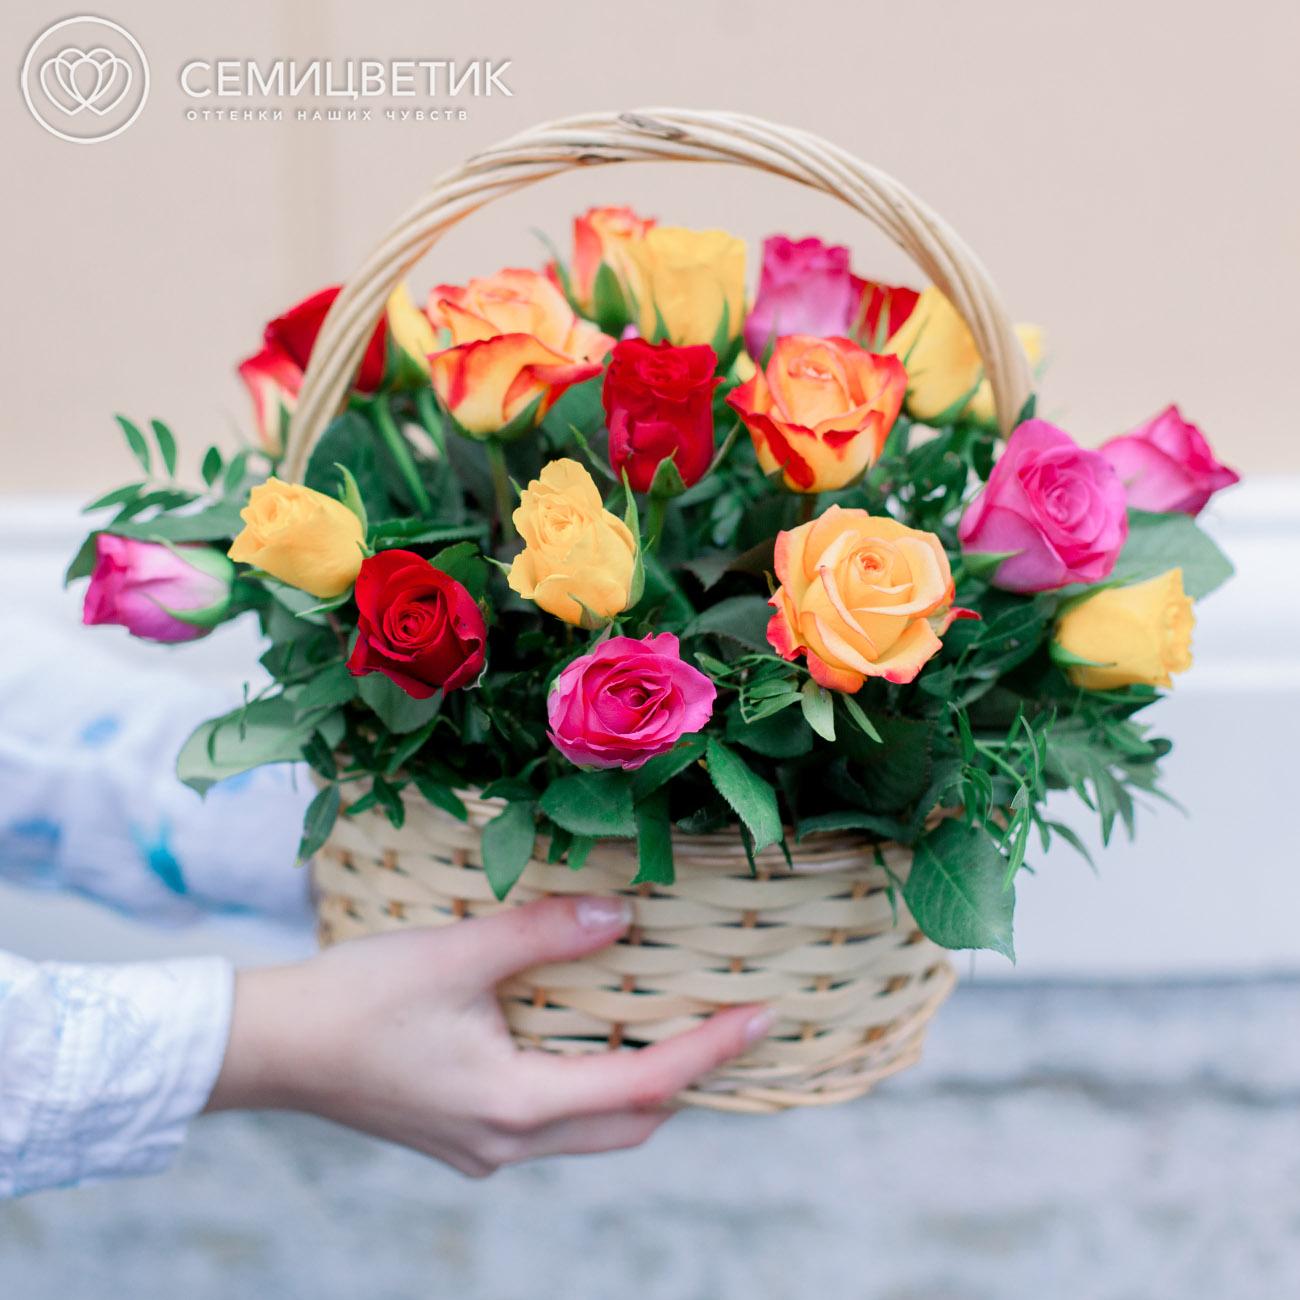 25 роз микс Standart с зеленью в корзине фото